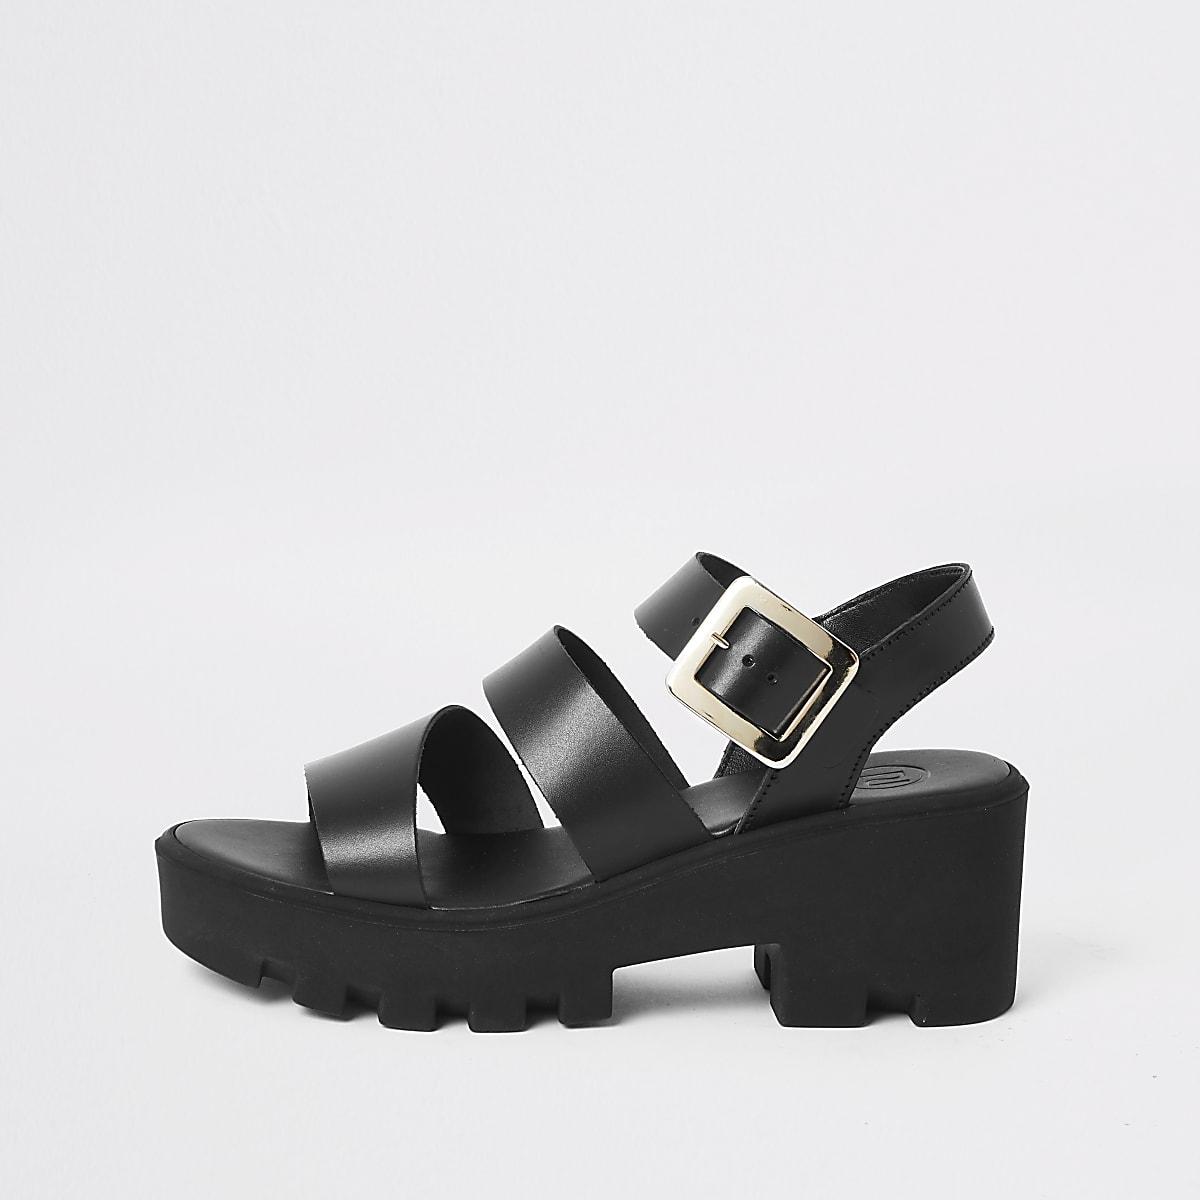 Zwarte sandalen met profielzool